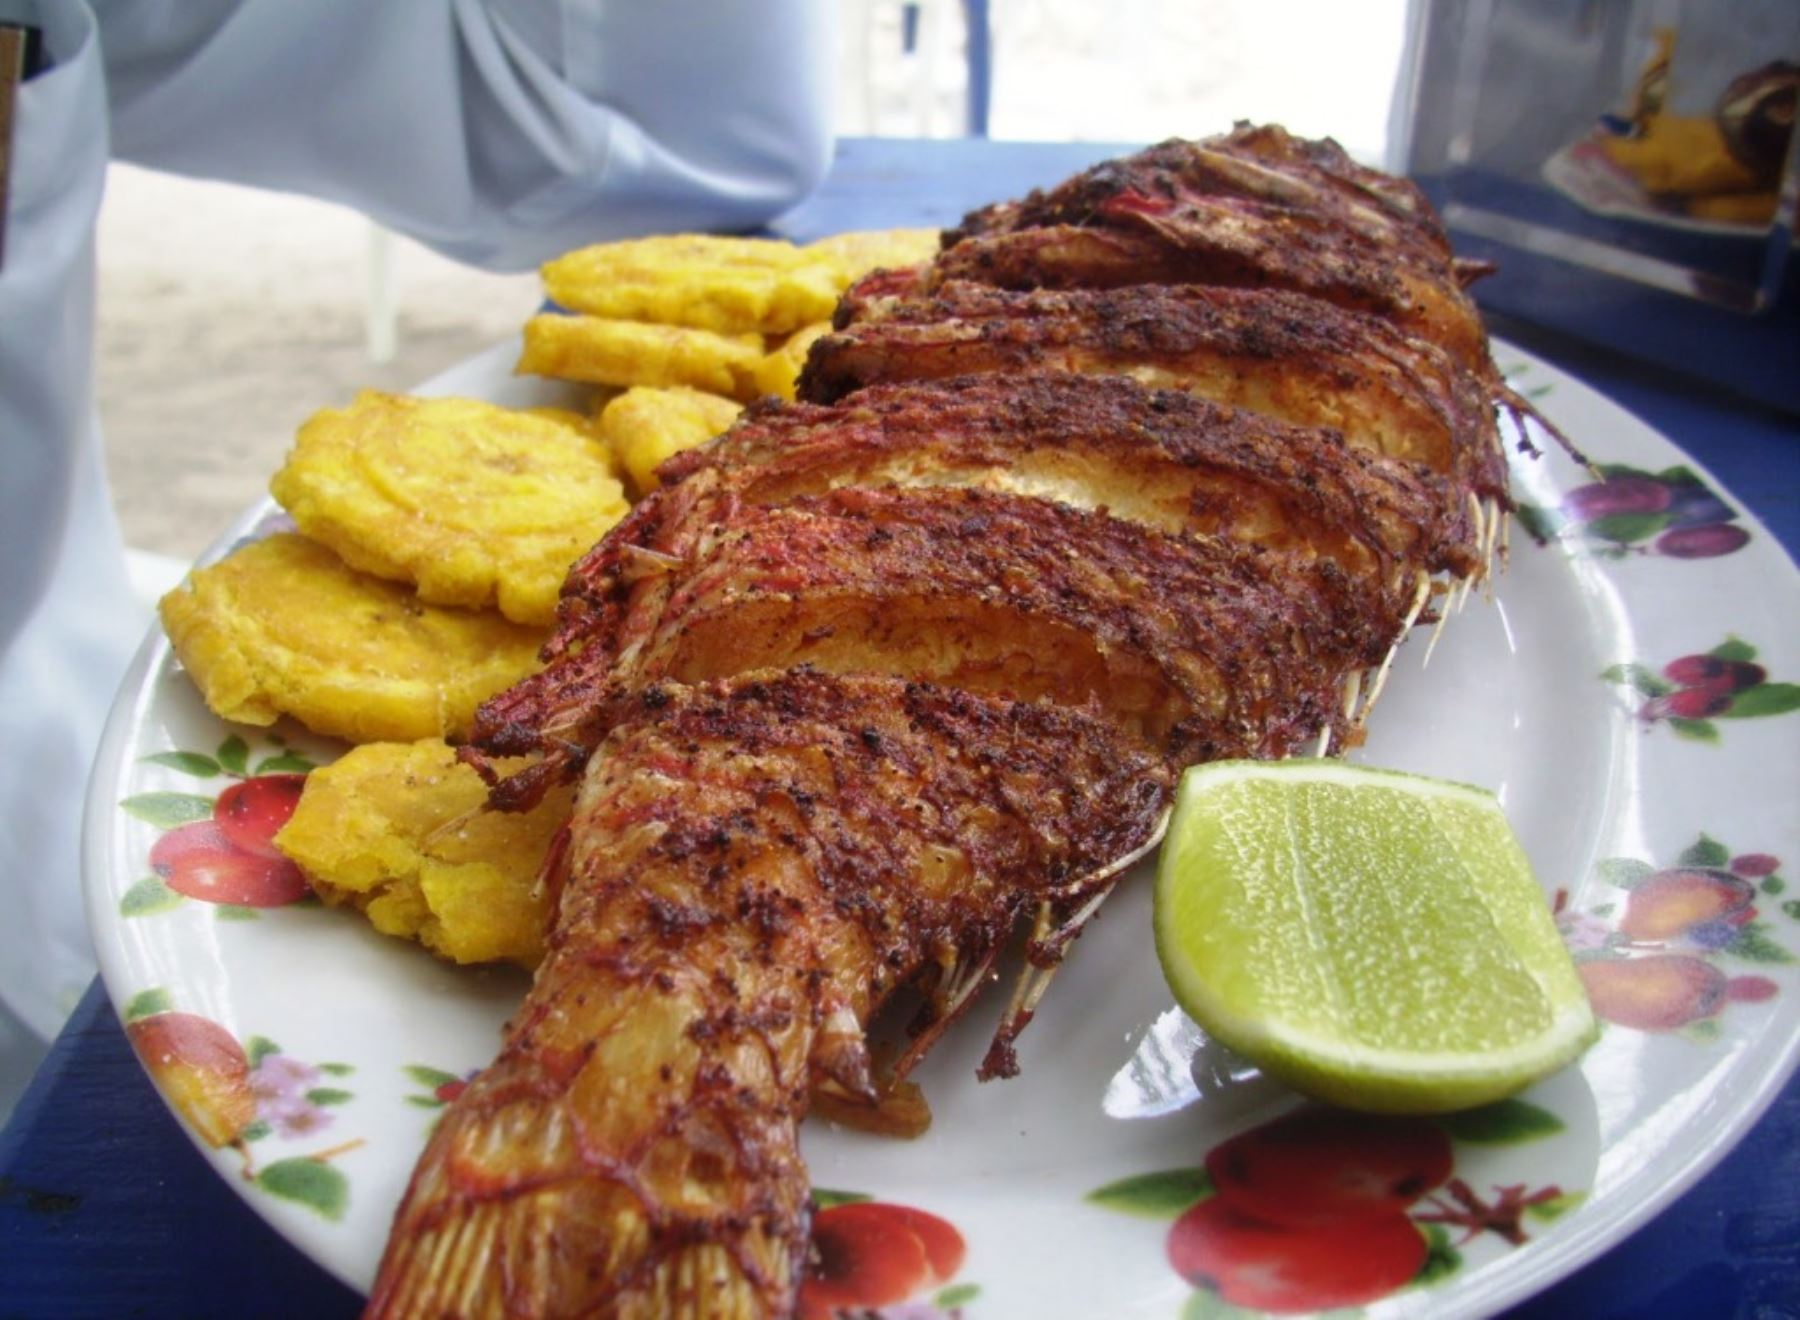 La exquisita gastronomía del Perú sale a relucir en Semana Santa. ANDINA/Difusión